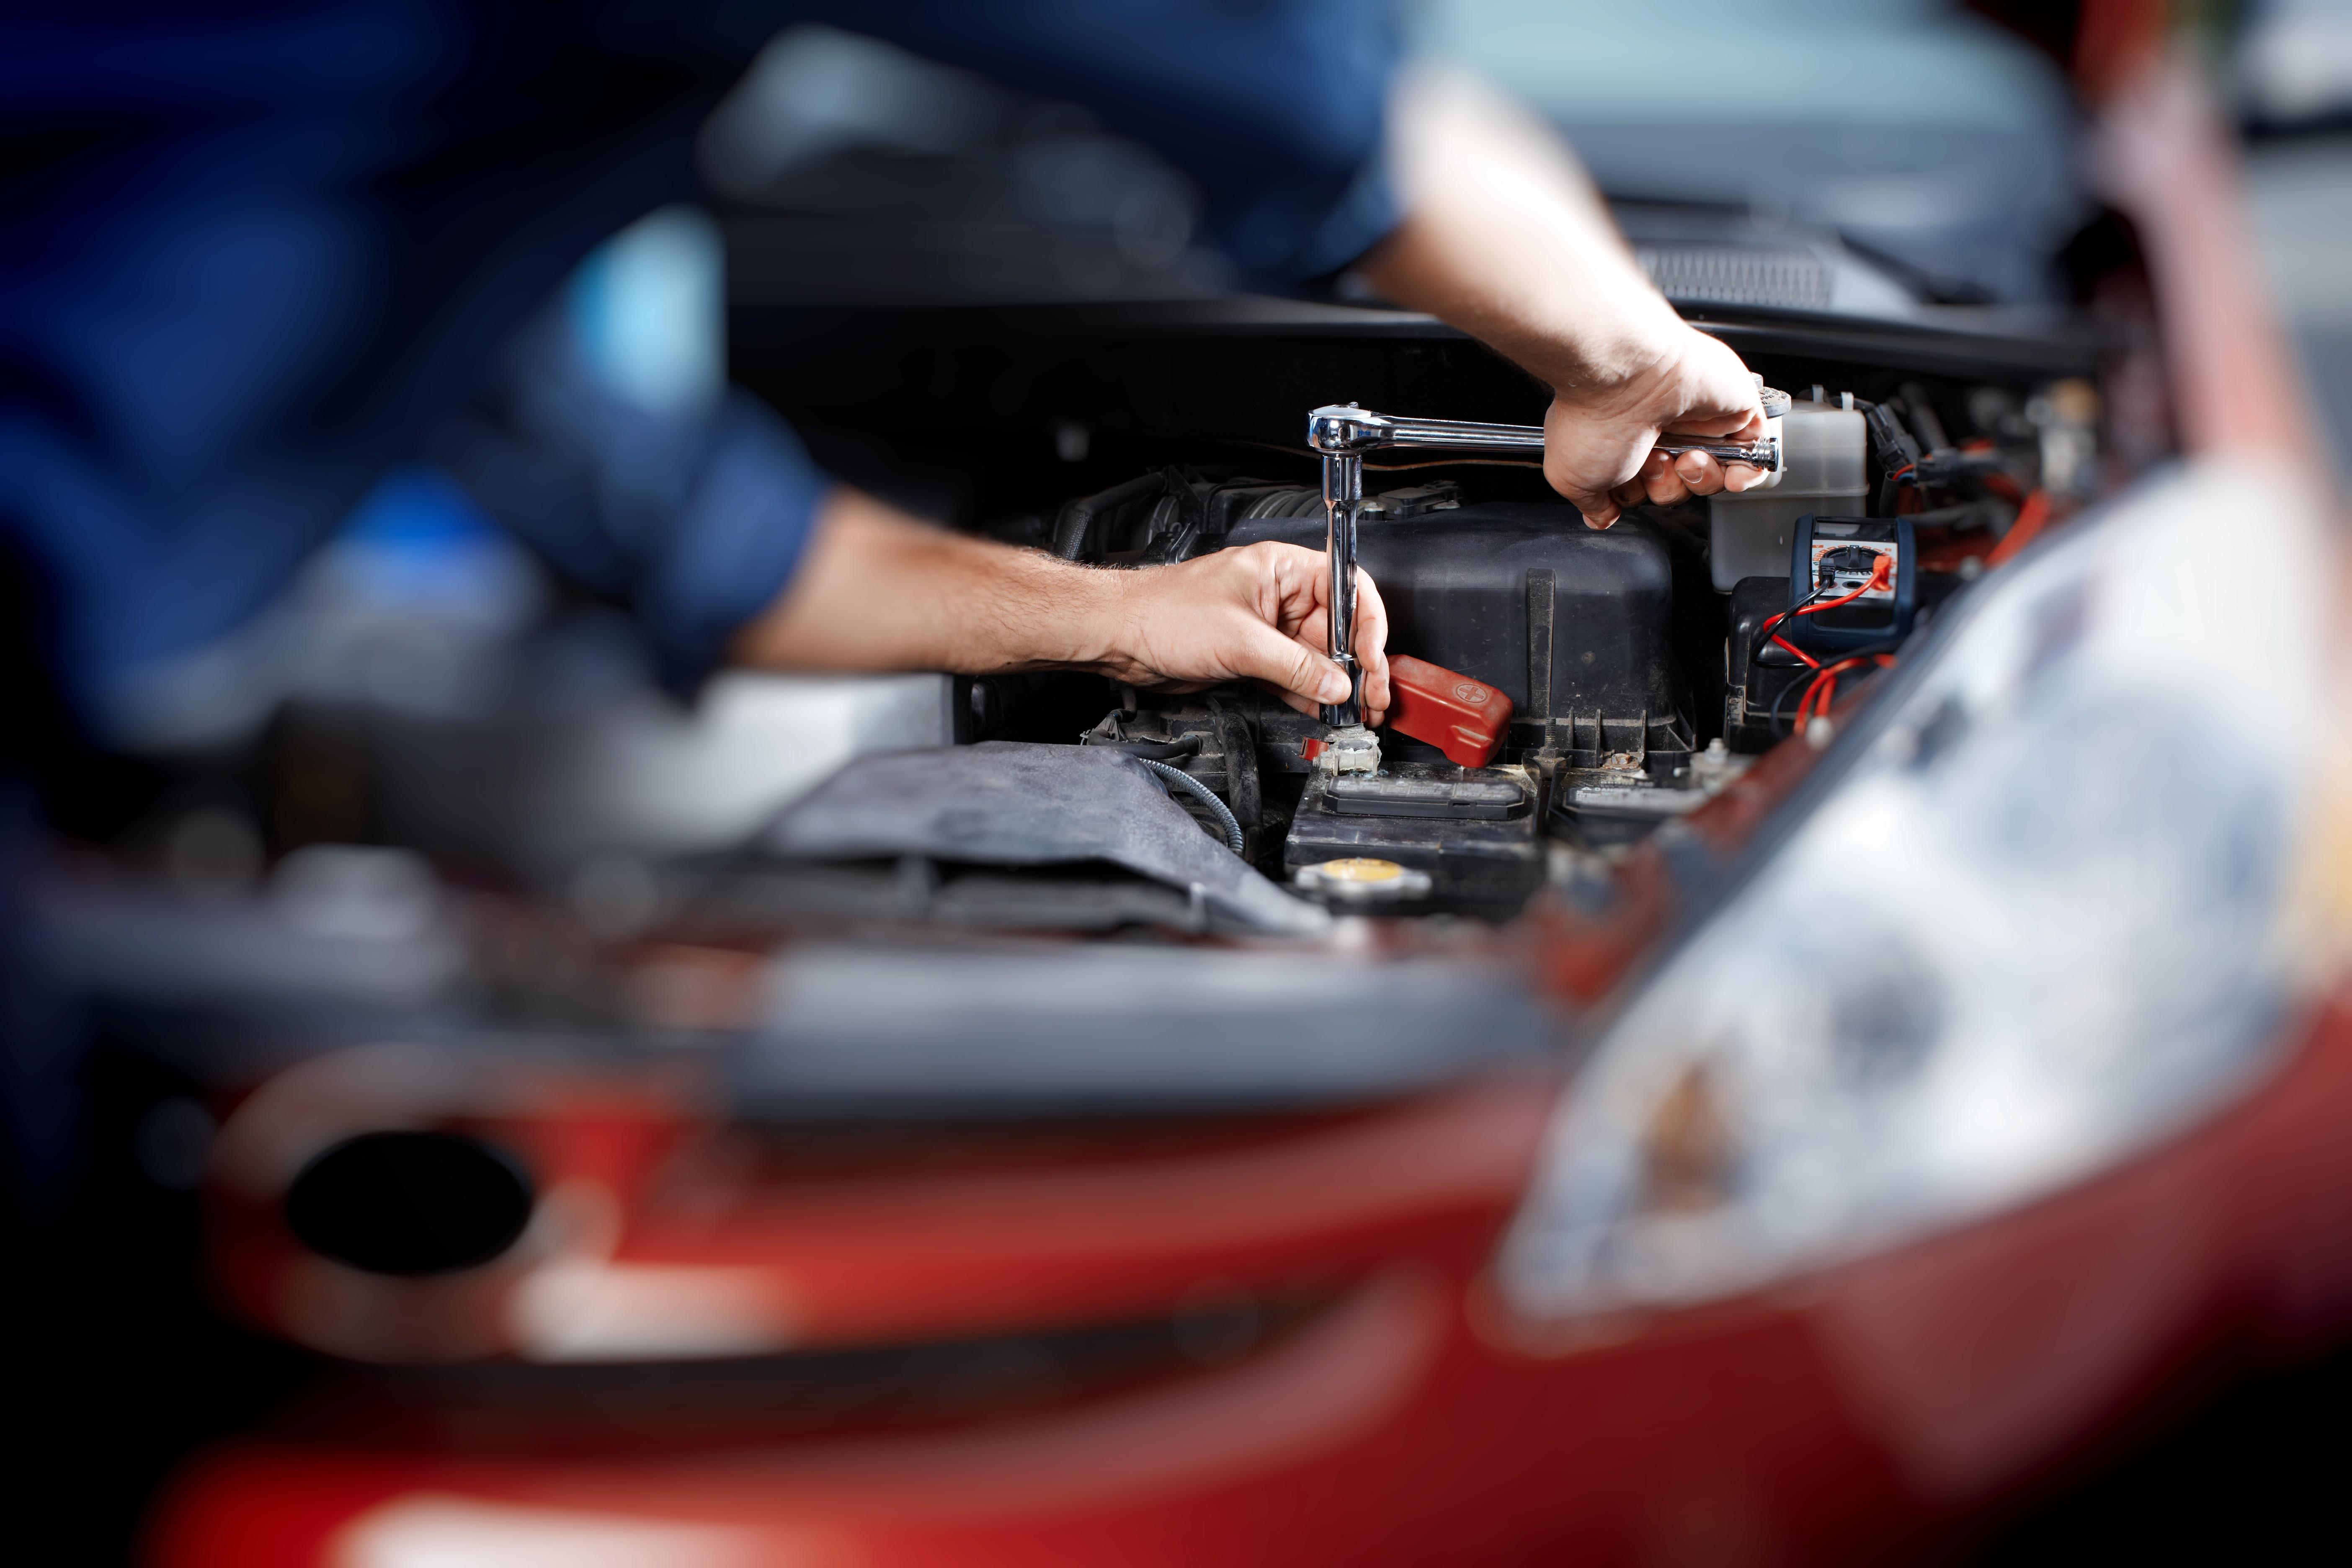 丰田召回卡罗拉混动版及雷克萨斯RX汽车 共计1726辆